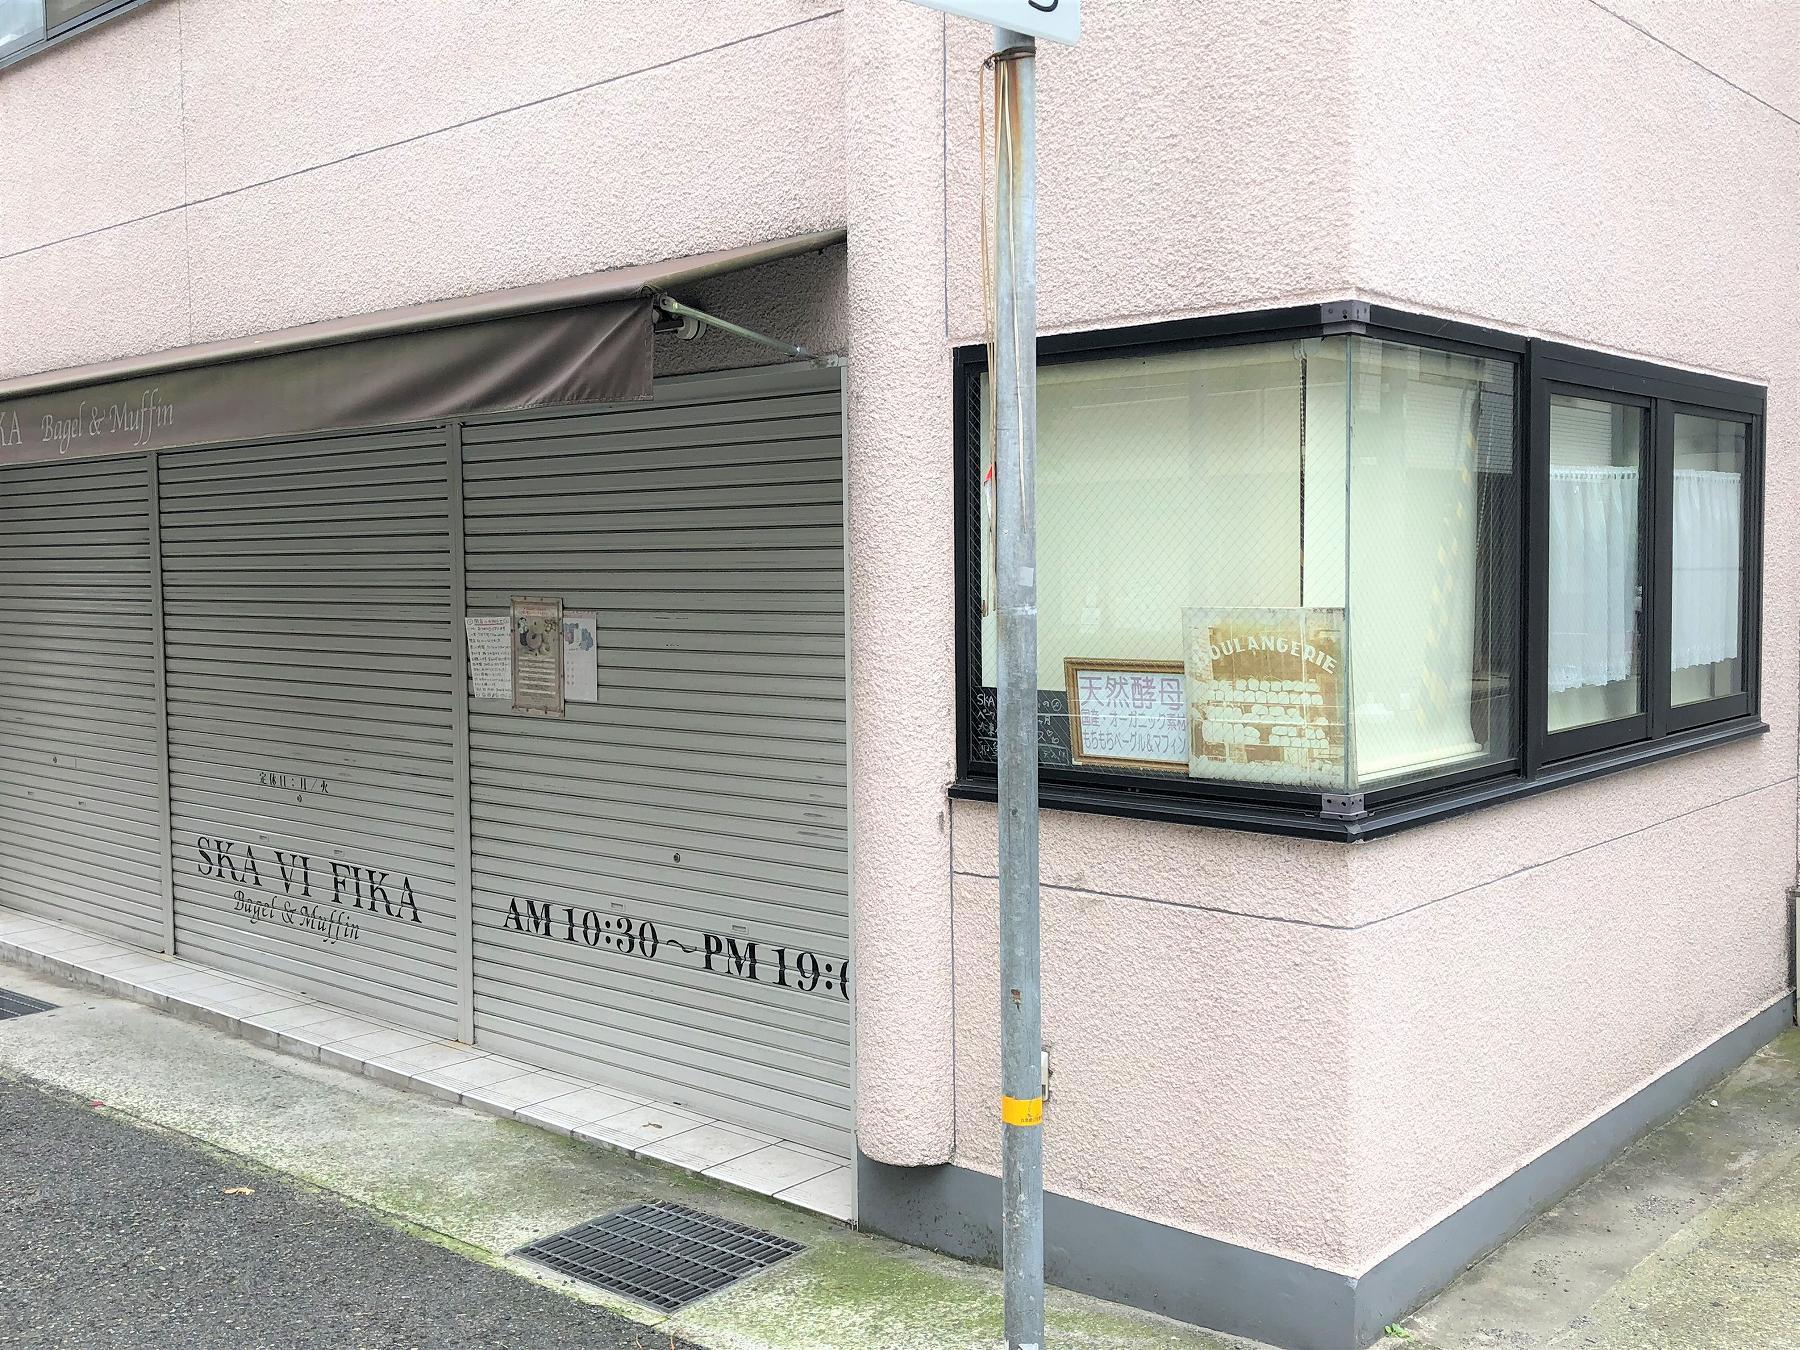 神戸・東灘の甲南本通り近くにある「SKA VI FIKA Bagel&Muffin(スカヴィフィーカ ベーグル&マフィン)」が7月下旬で閉店するよ #閉店情報 #甲南本通商店街 #ベーグル #マフィン